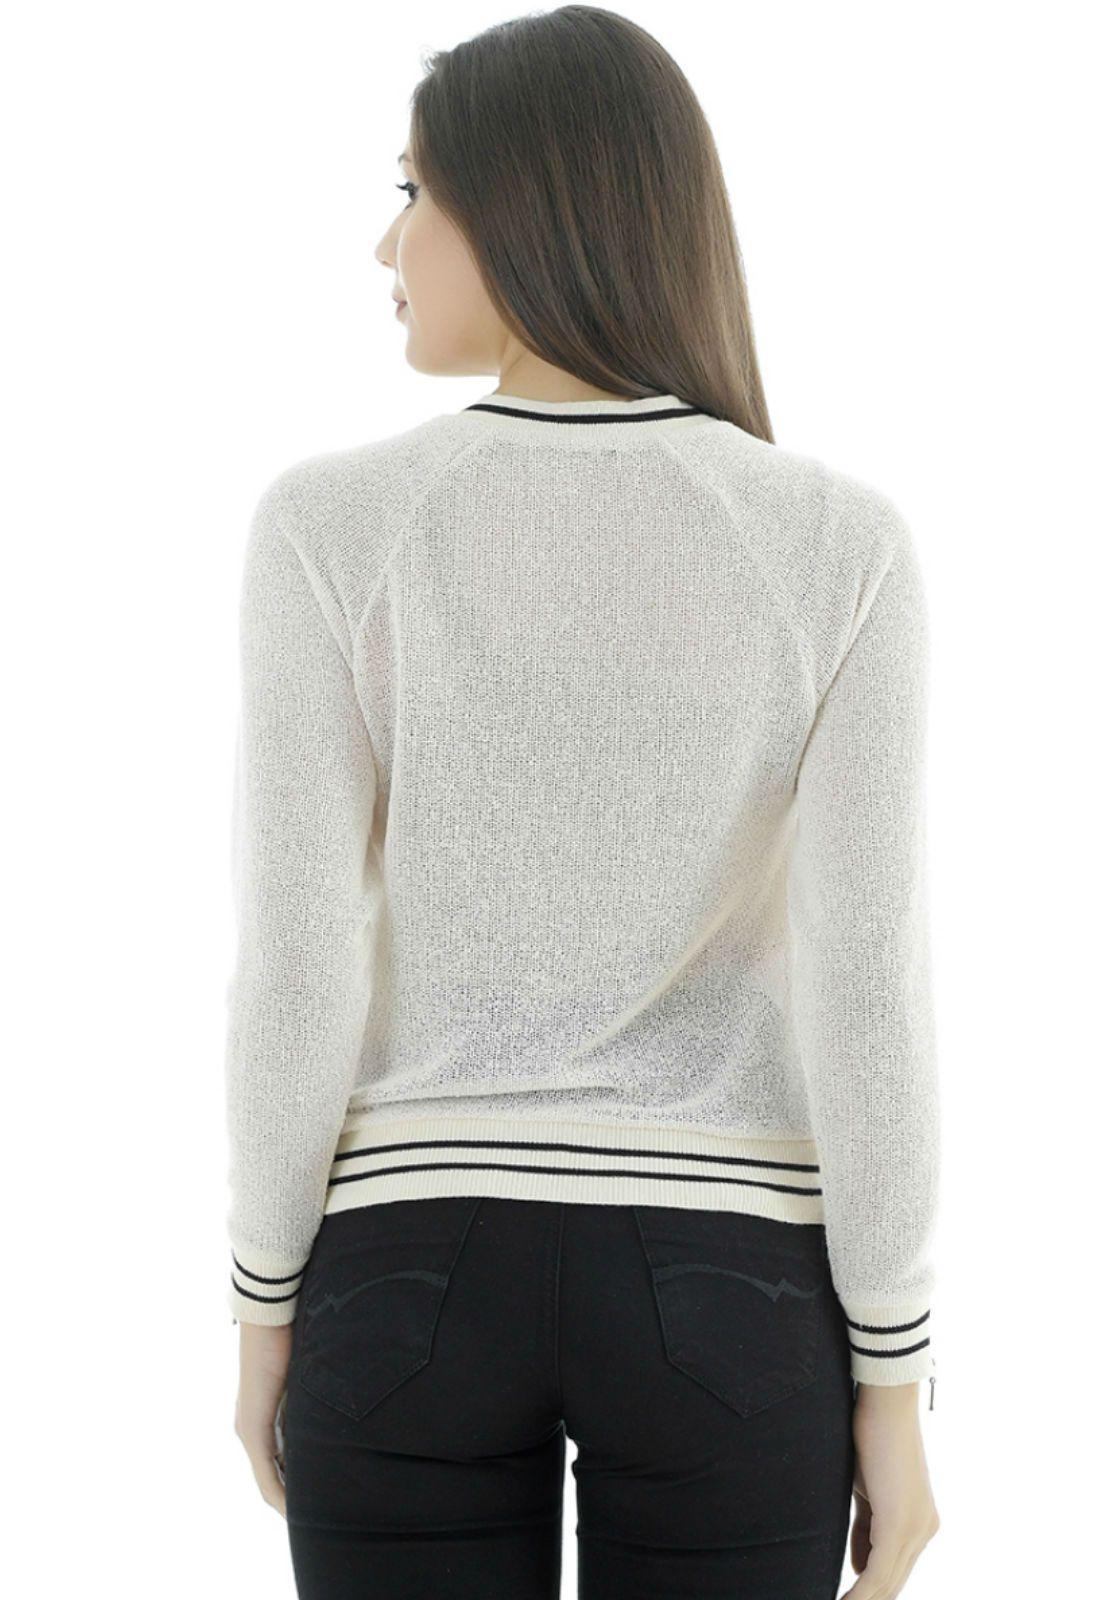 Blusa de tricot manga longa Tuart